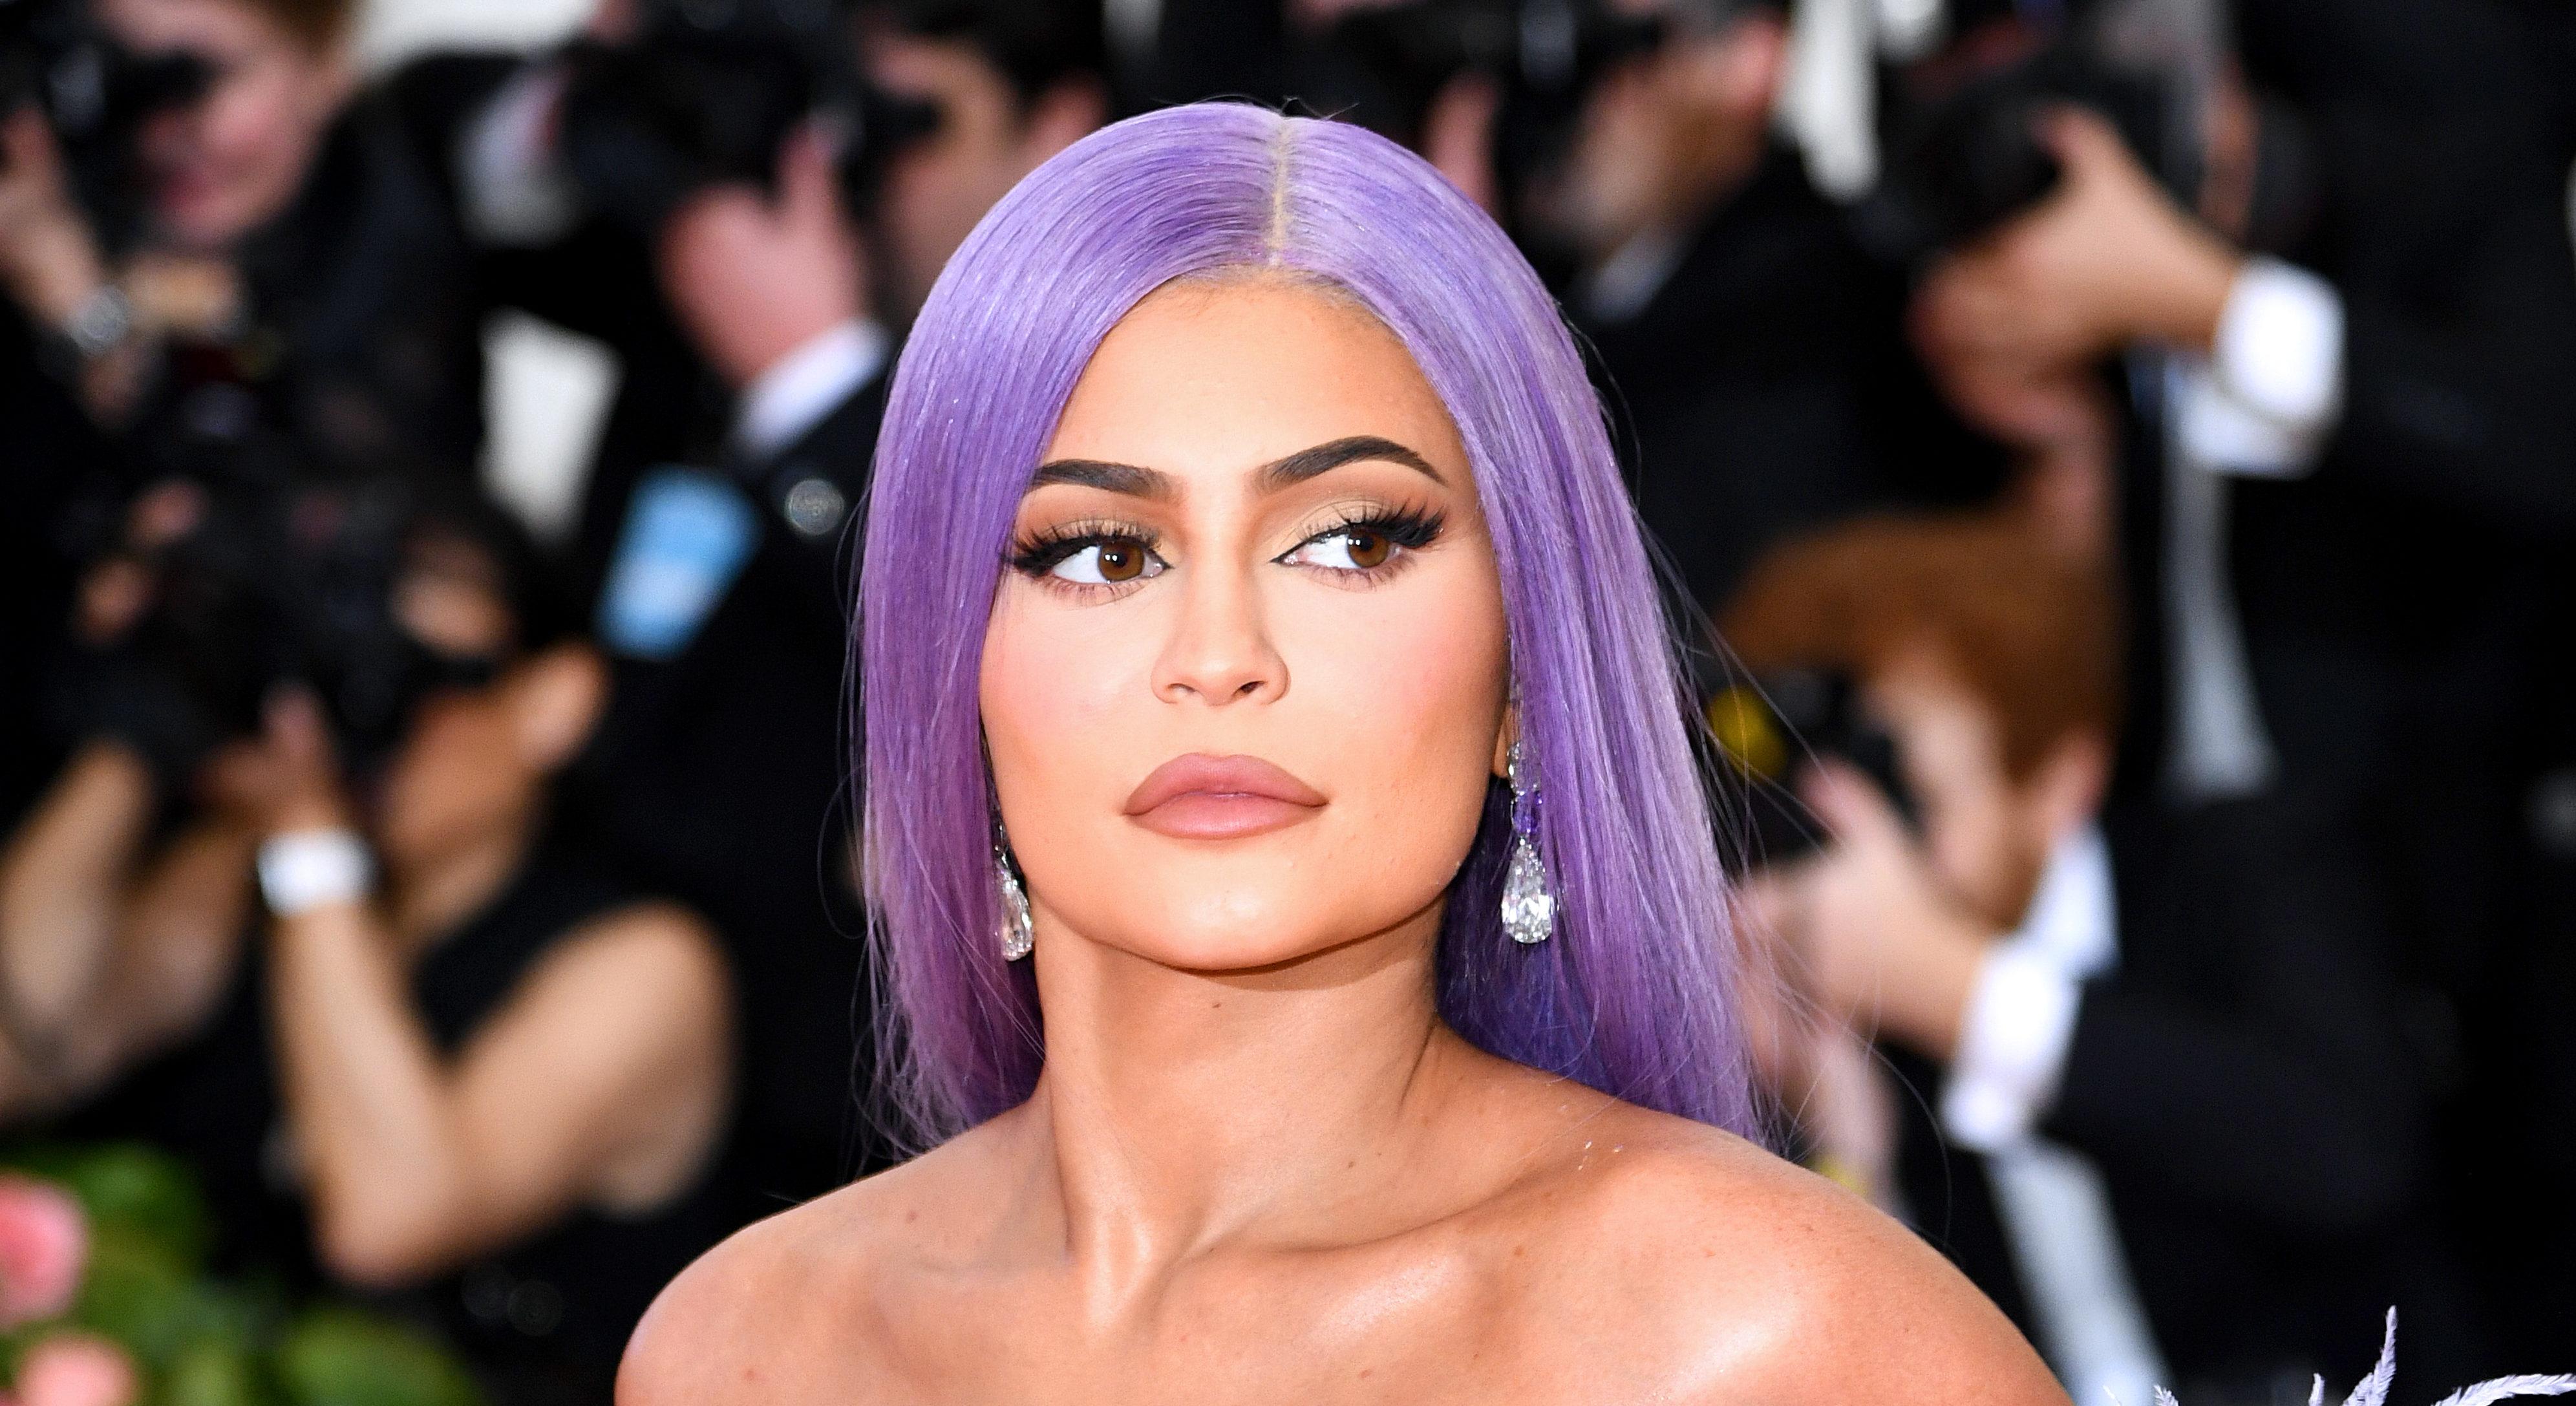 Красота: топ-20 бьюти-образов на Met Gala